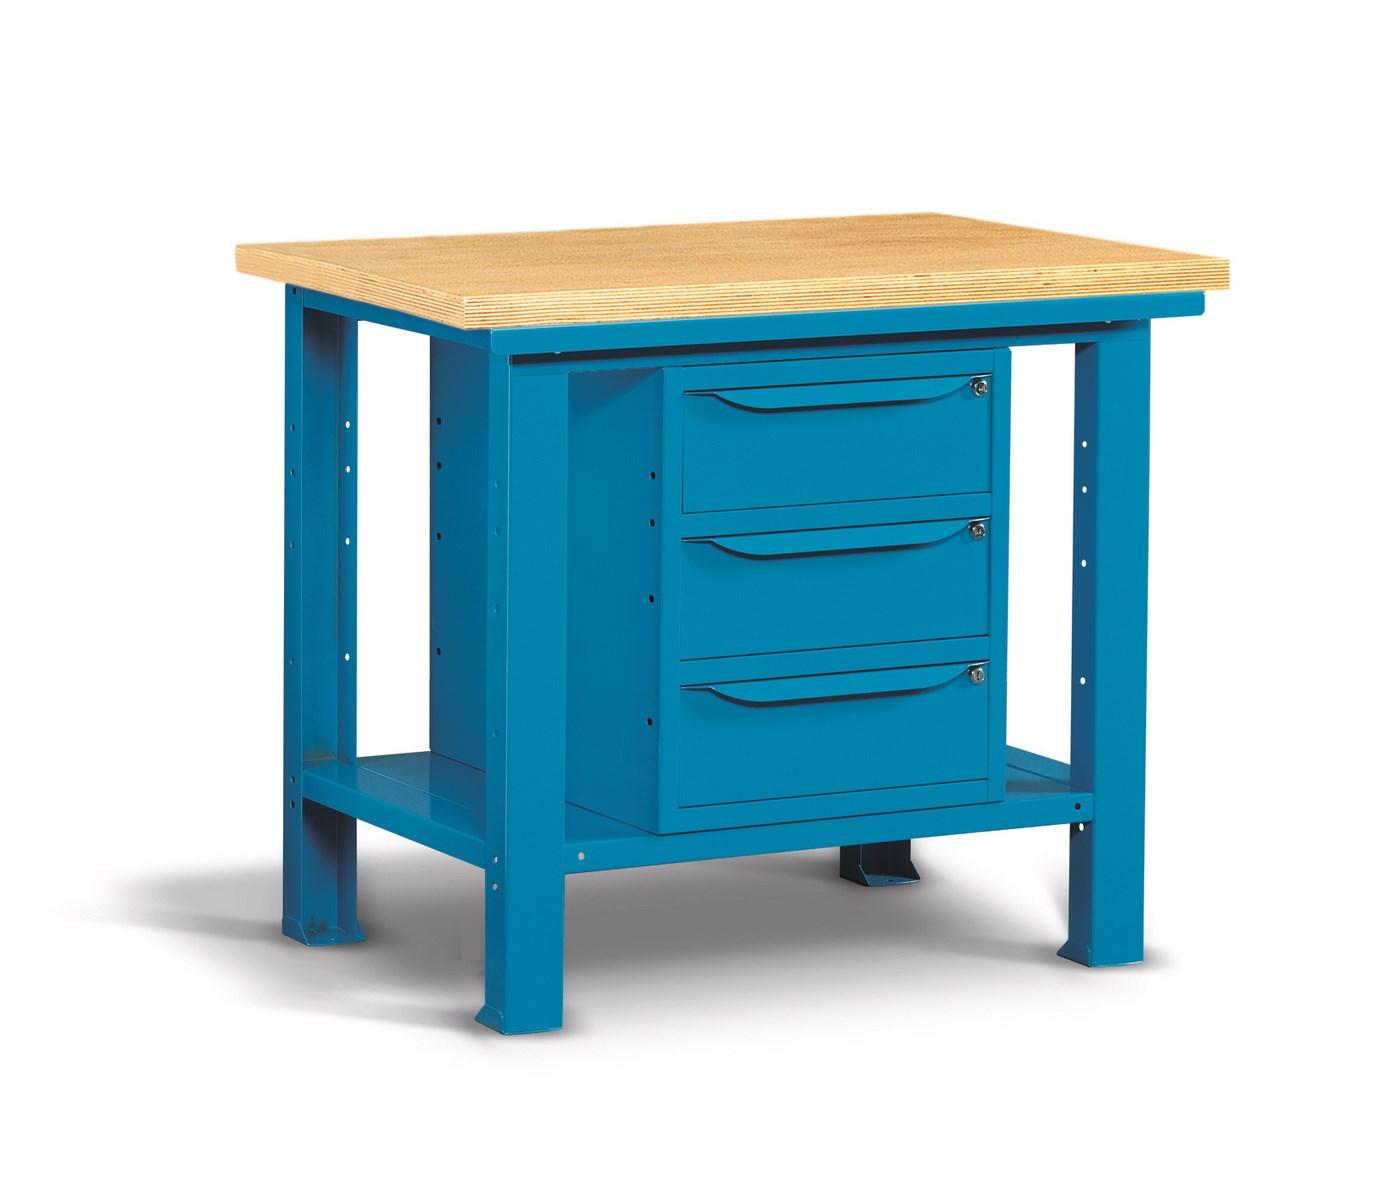 etabli d 39 atelier plateau bois et 3 tiroirs 1m comparer les prix de etabli d 39 atelier plateau bois. Black Bedroom Furniture Sets. Home Design Ideas